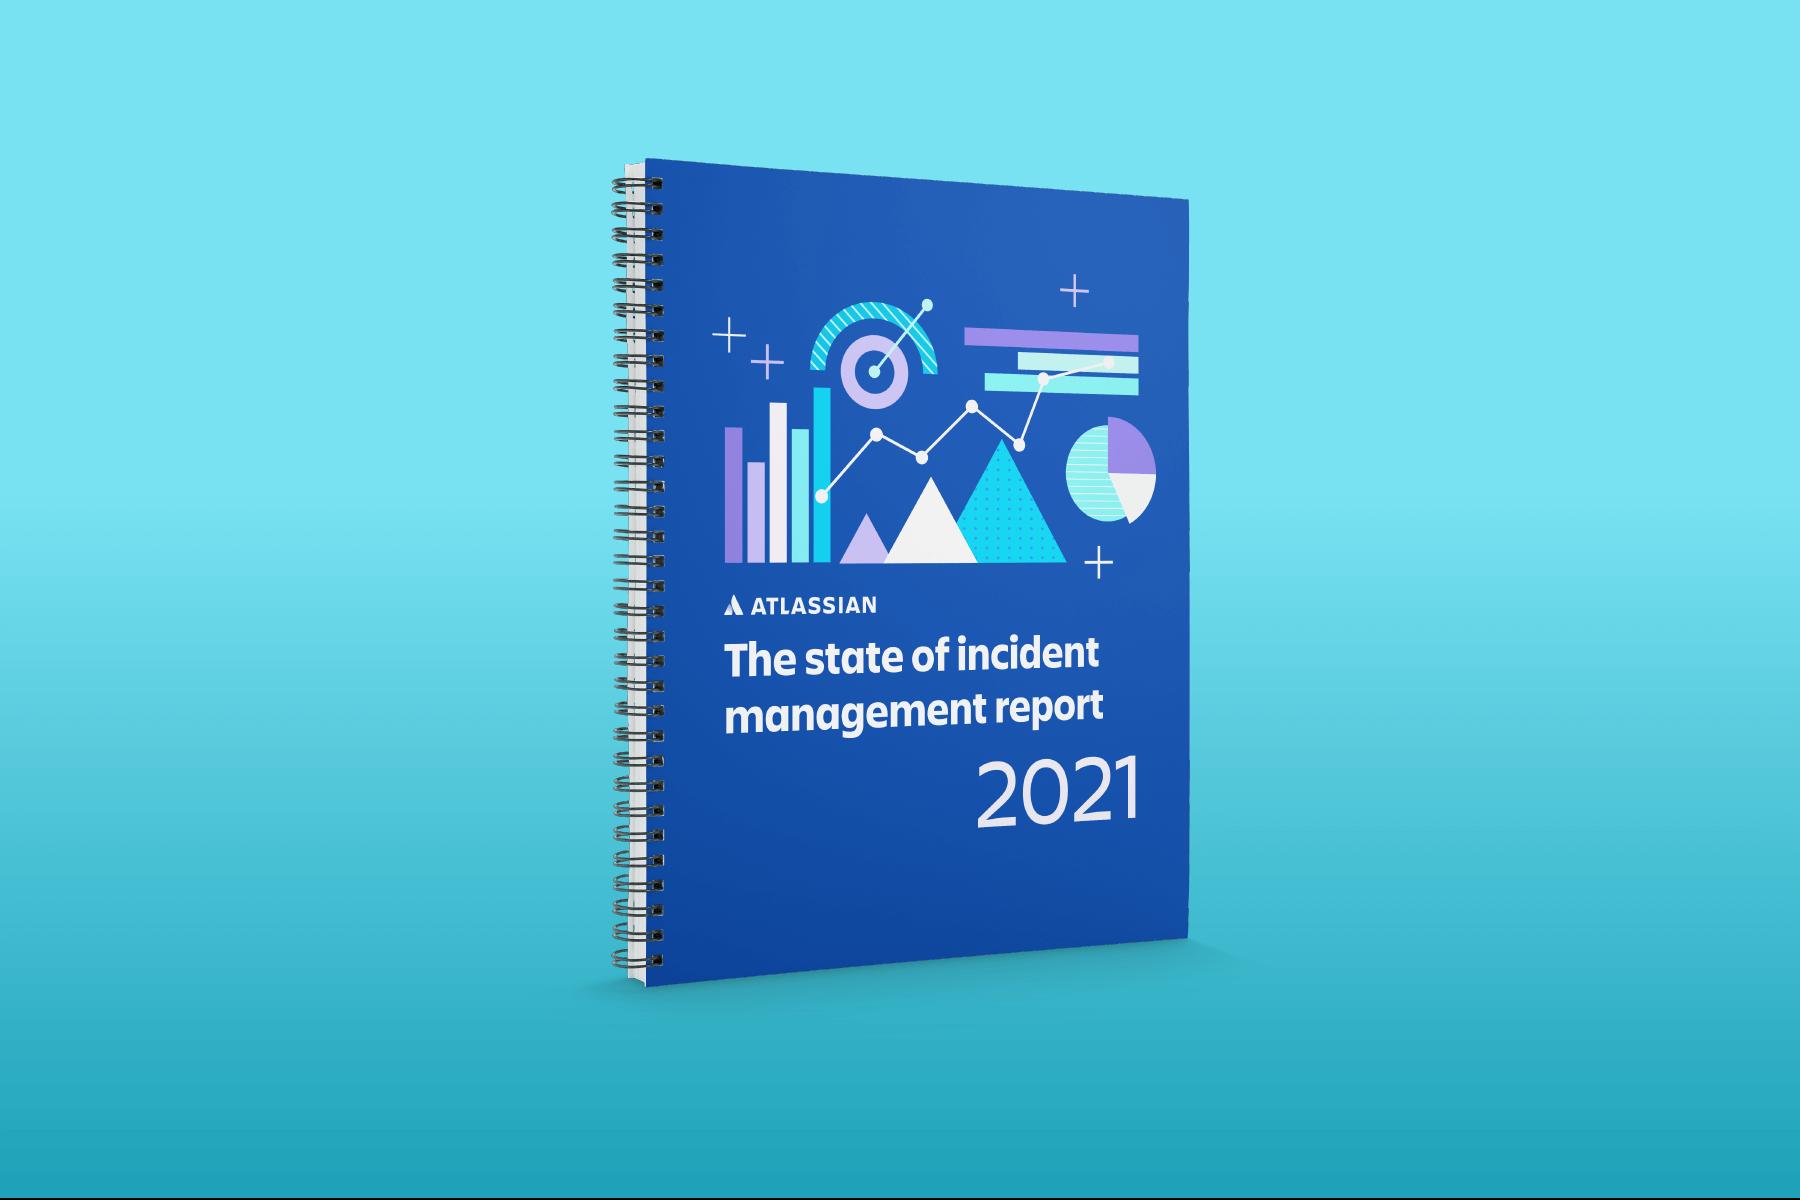 Обложка документа «Отчет о состоянии управления инцидентами на 2021г.»